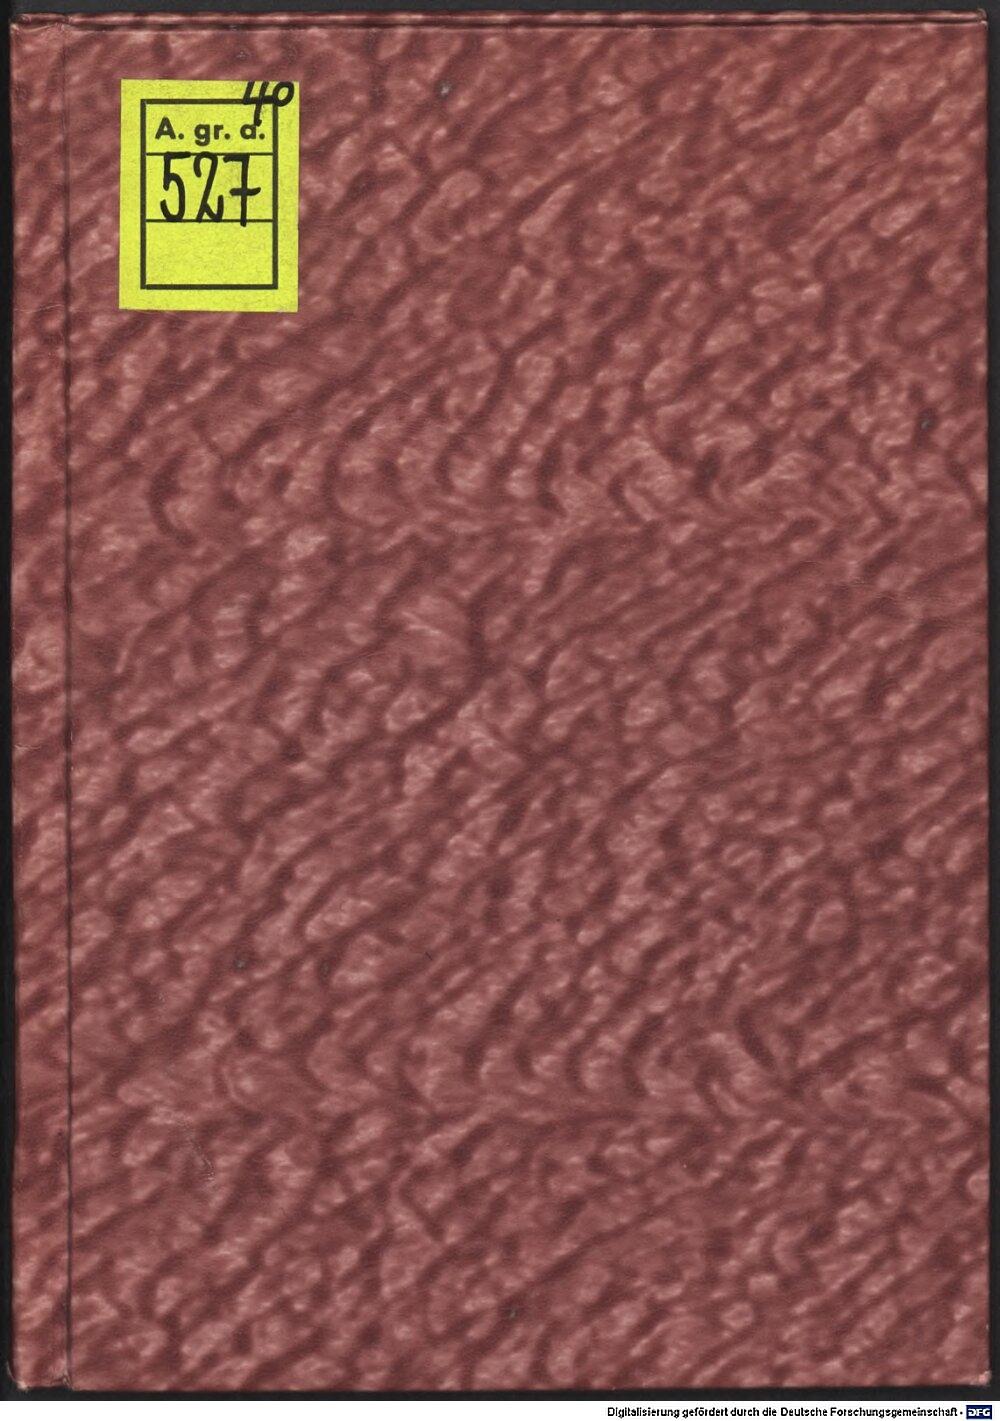 bsb00002130_00001.jpg